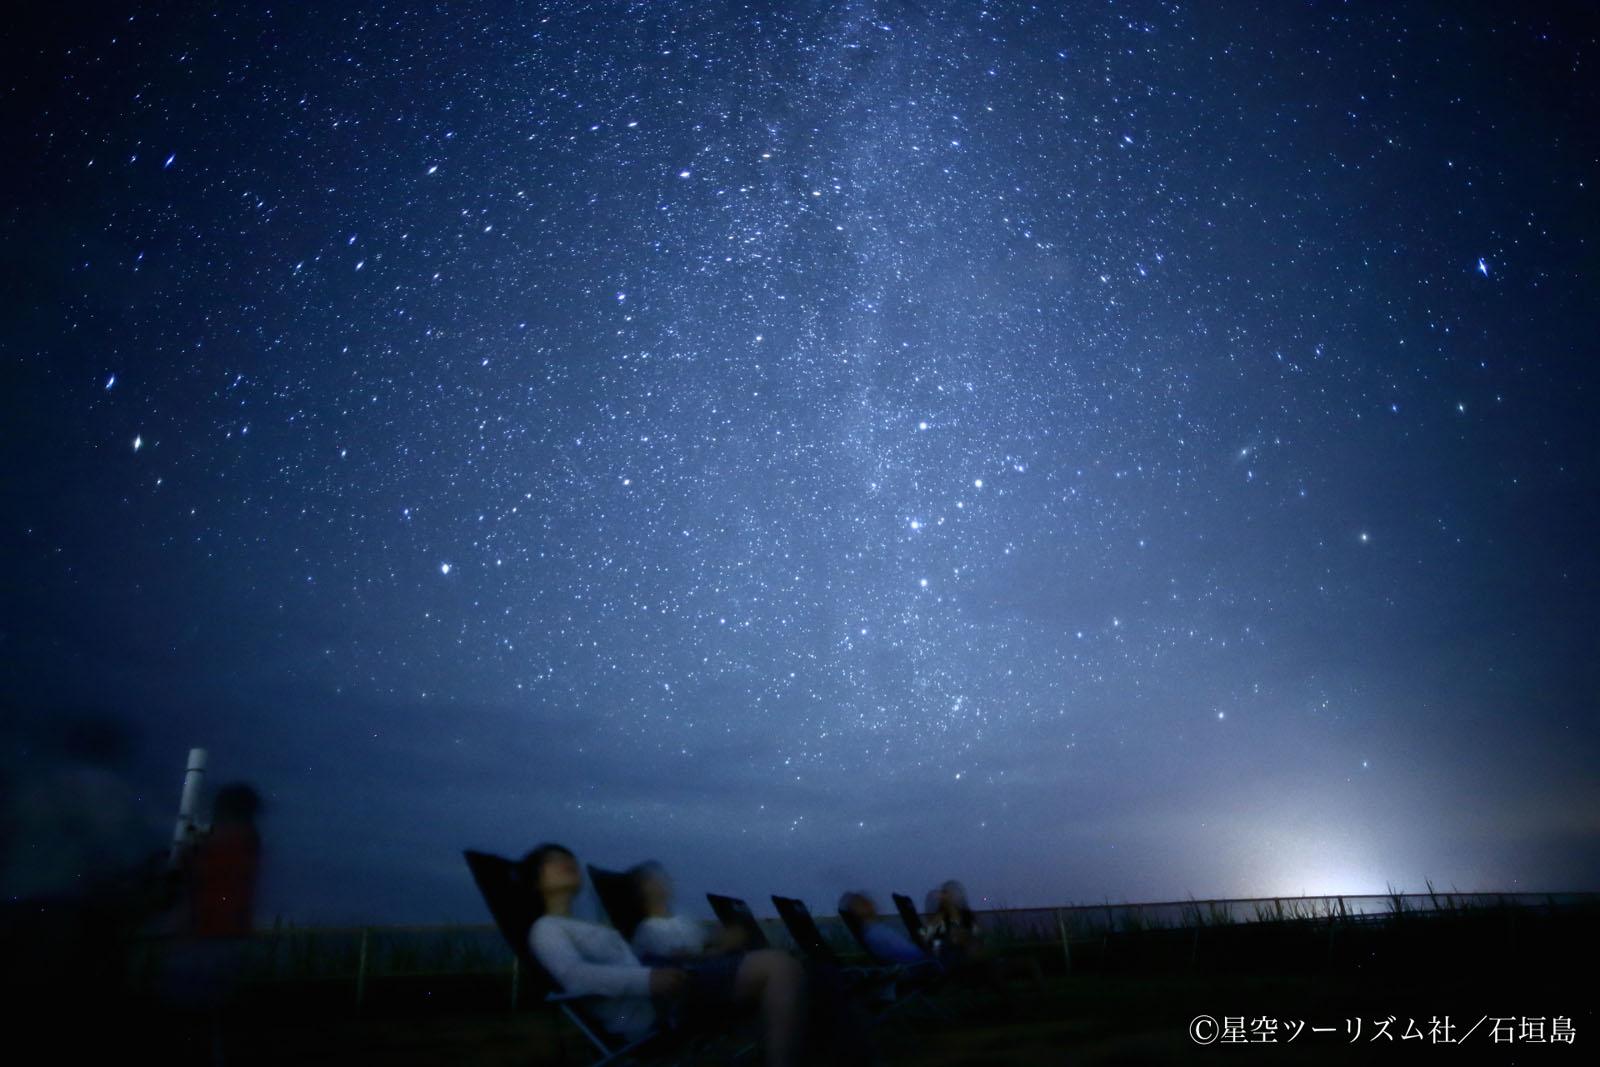 南の島の星空特等席・石垣島で星空浴と波照間3島周遊 3日間